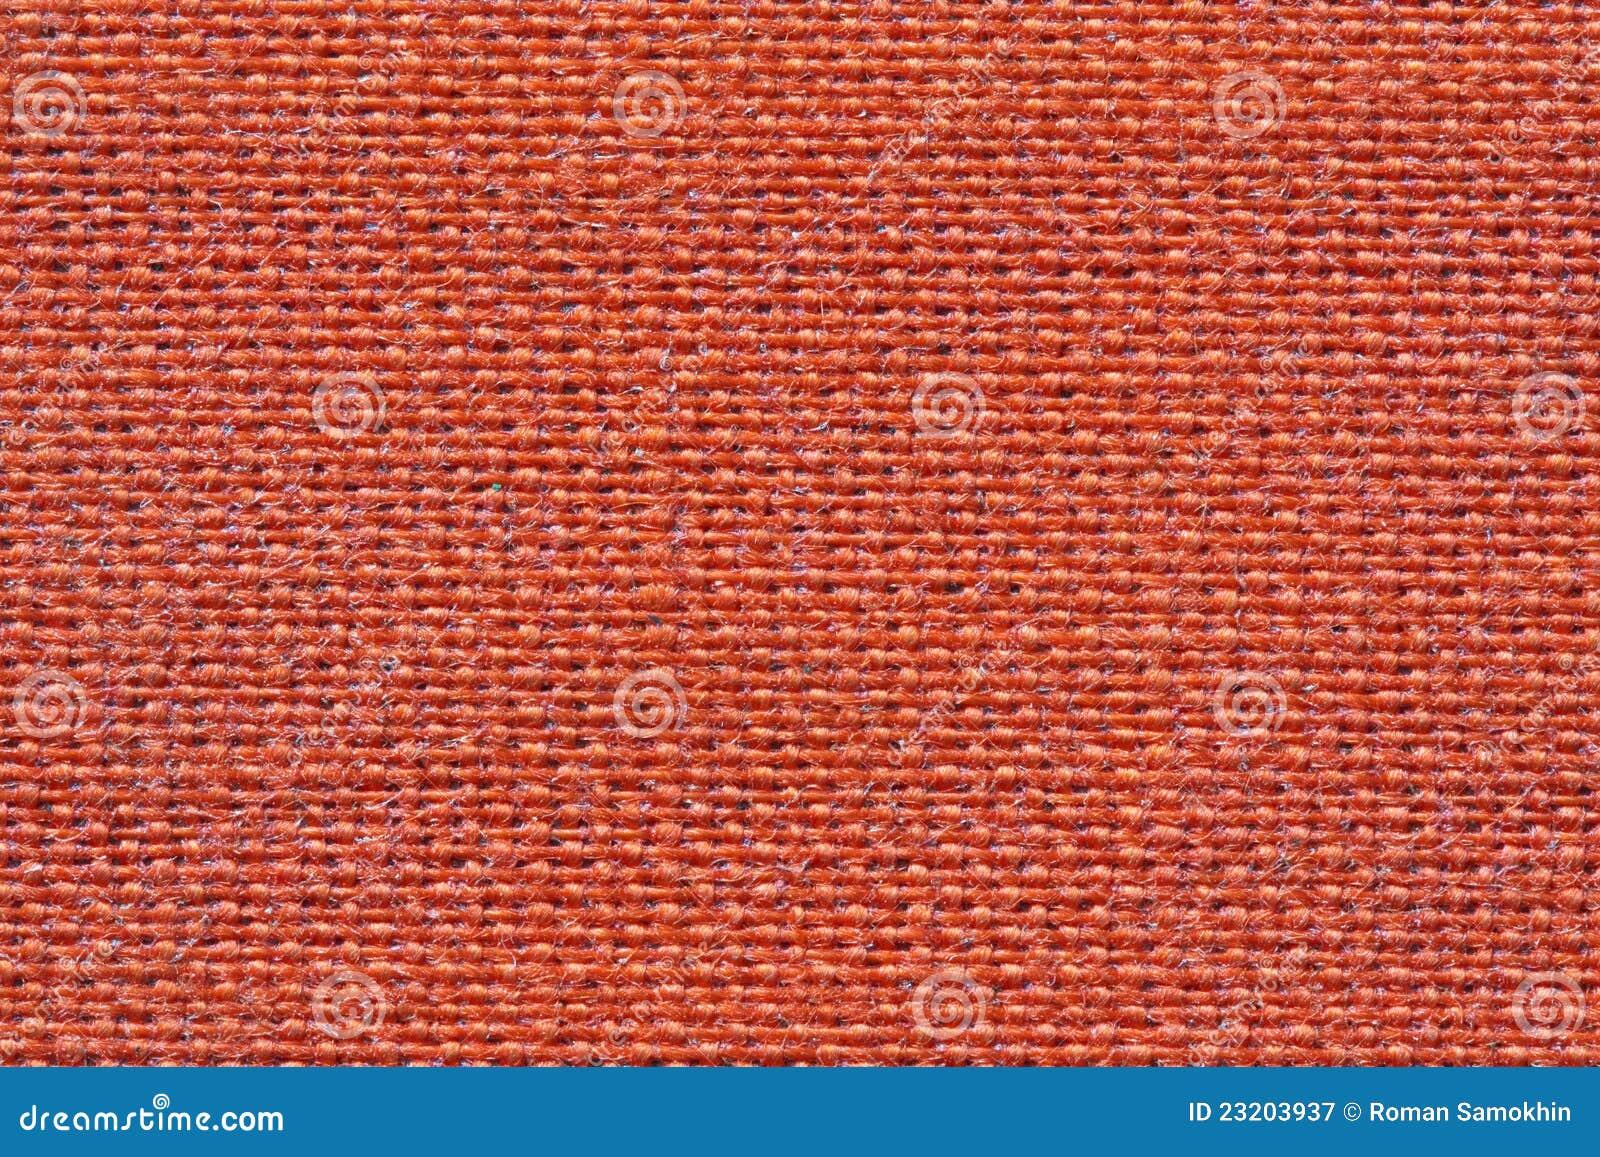 Textura Roja De La Tela Fotografía De Archivo Libre De